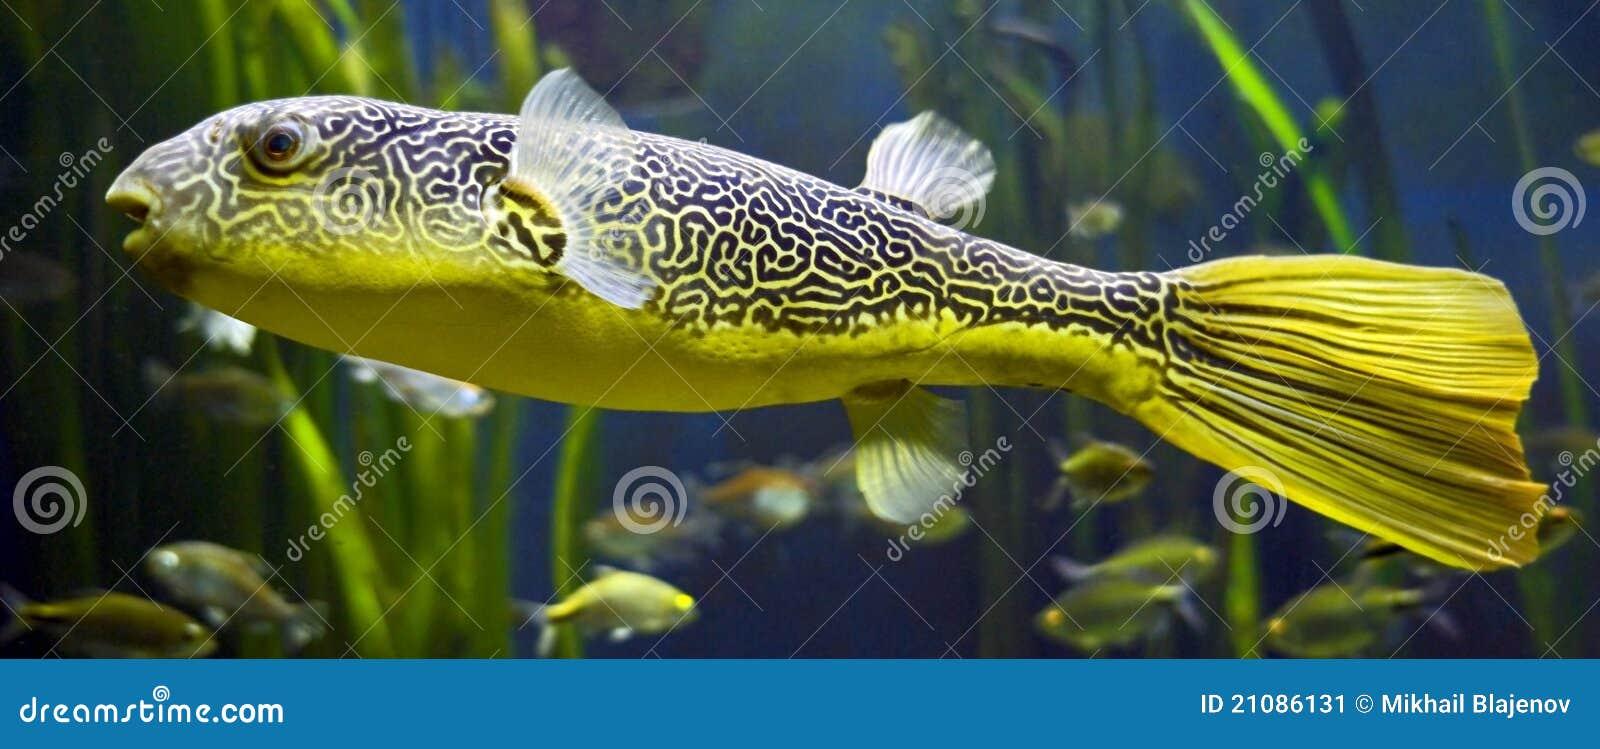 Pesce palla d 39 acqua dolce immagine stock immagine 21086131 for Pesce pulitore acqua dolce